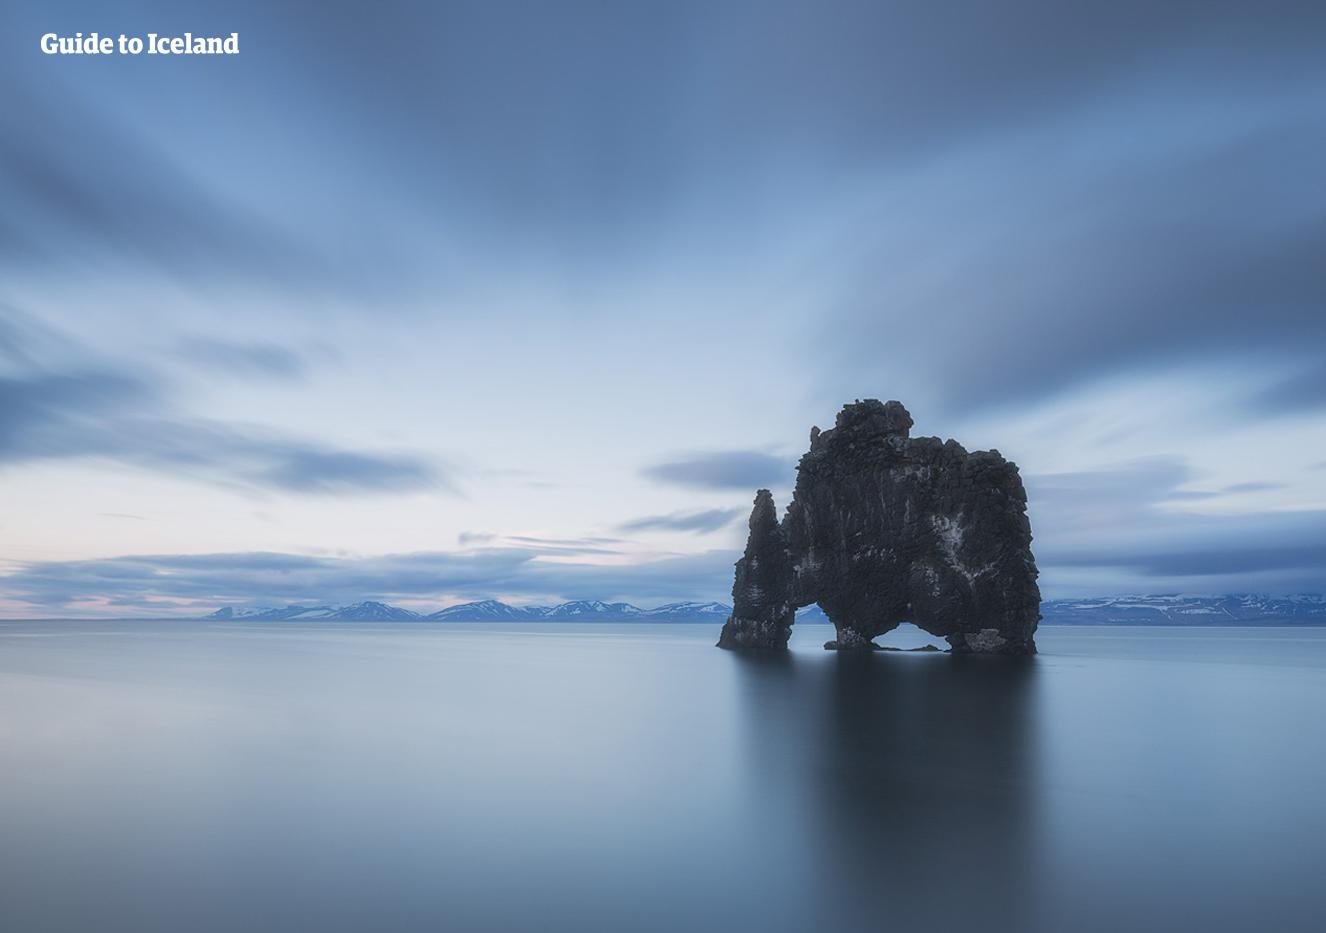 L'impressionnante formation rocheuse Hvítserkur se trouve dans le Nord de l'Islande.